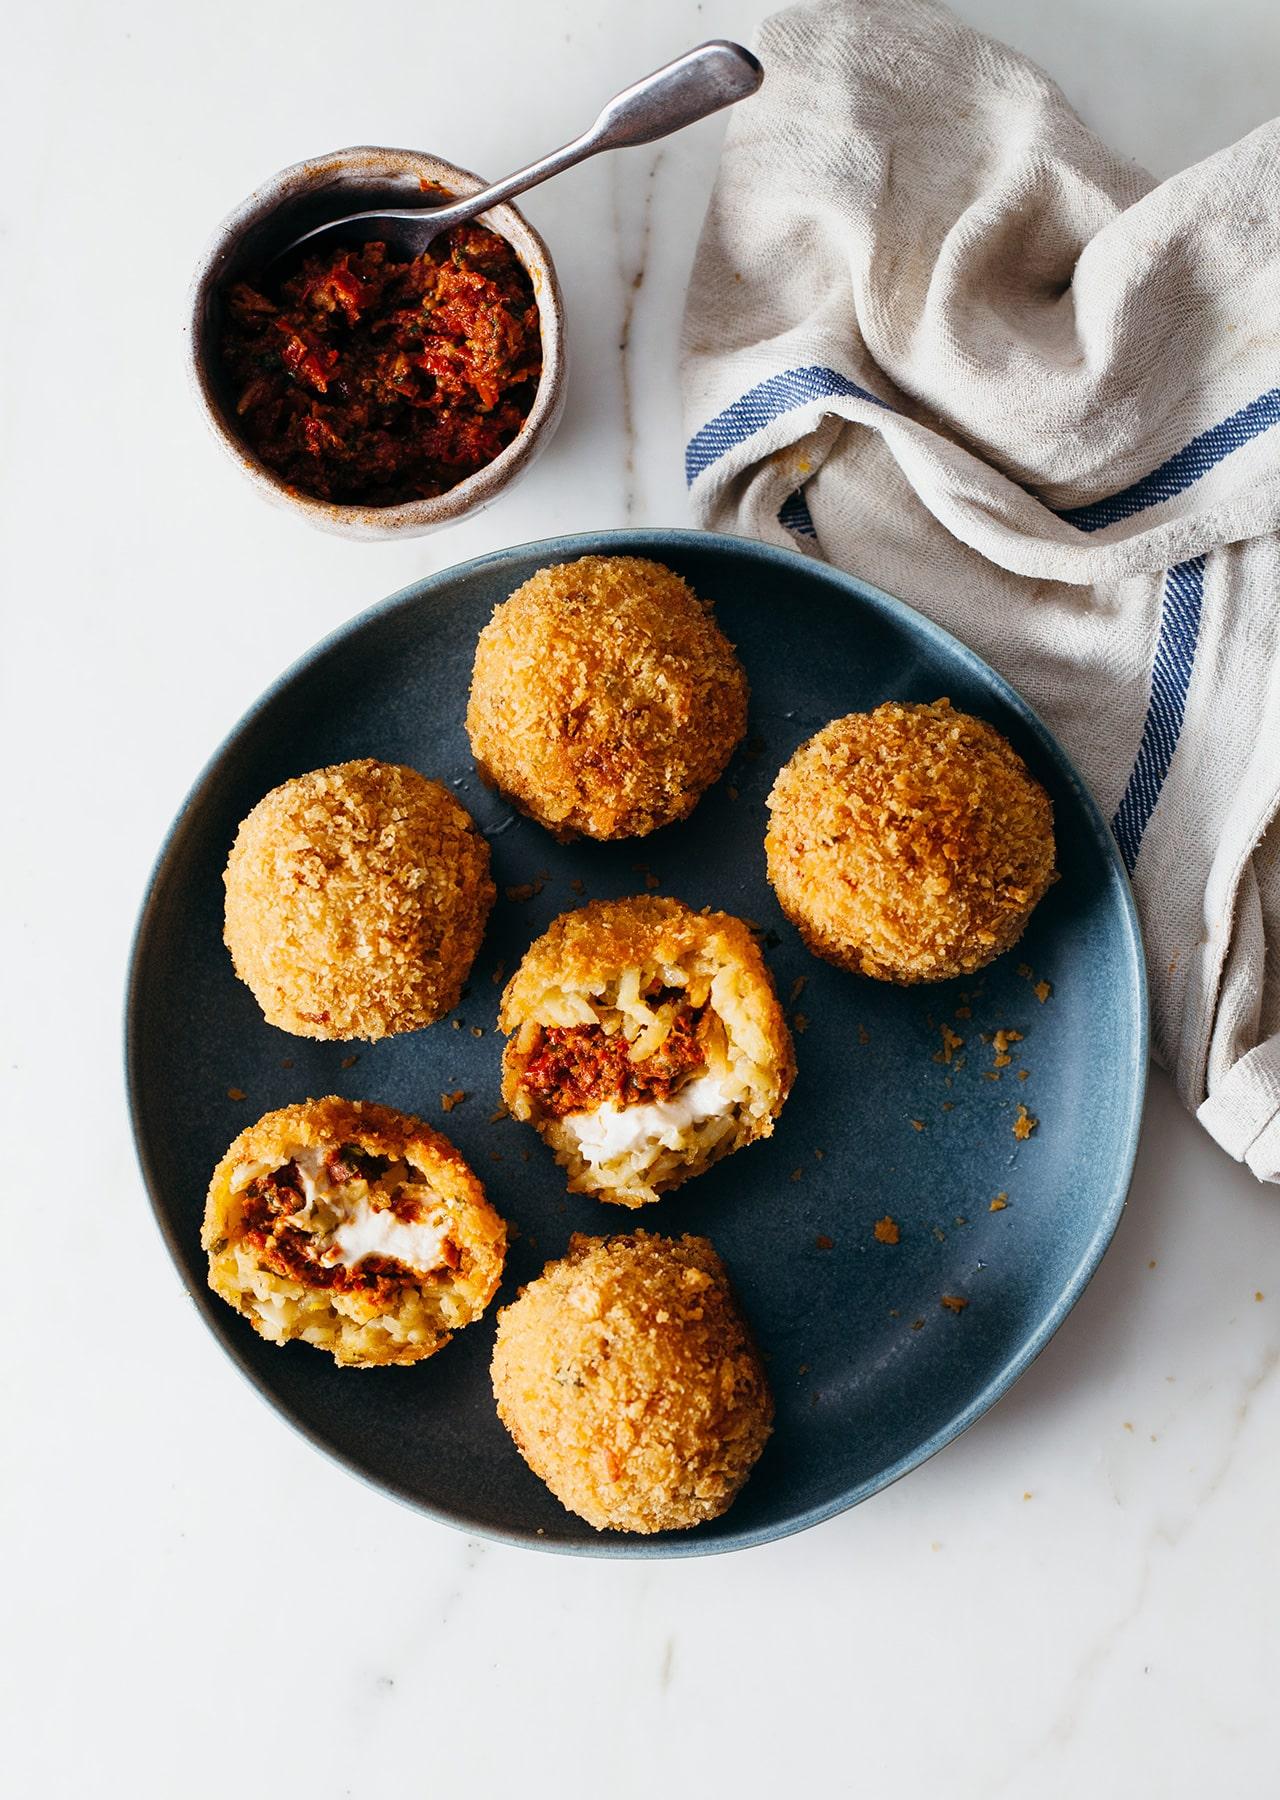 Vegan Sun-dried Tomato Pesto Cream Cheese Arancini Balls Recipe